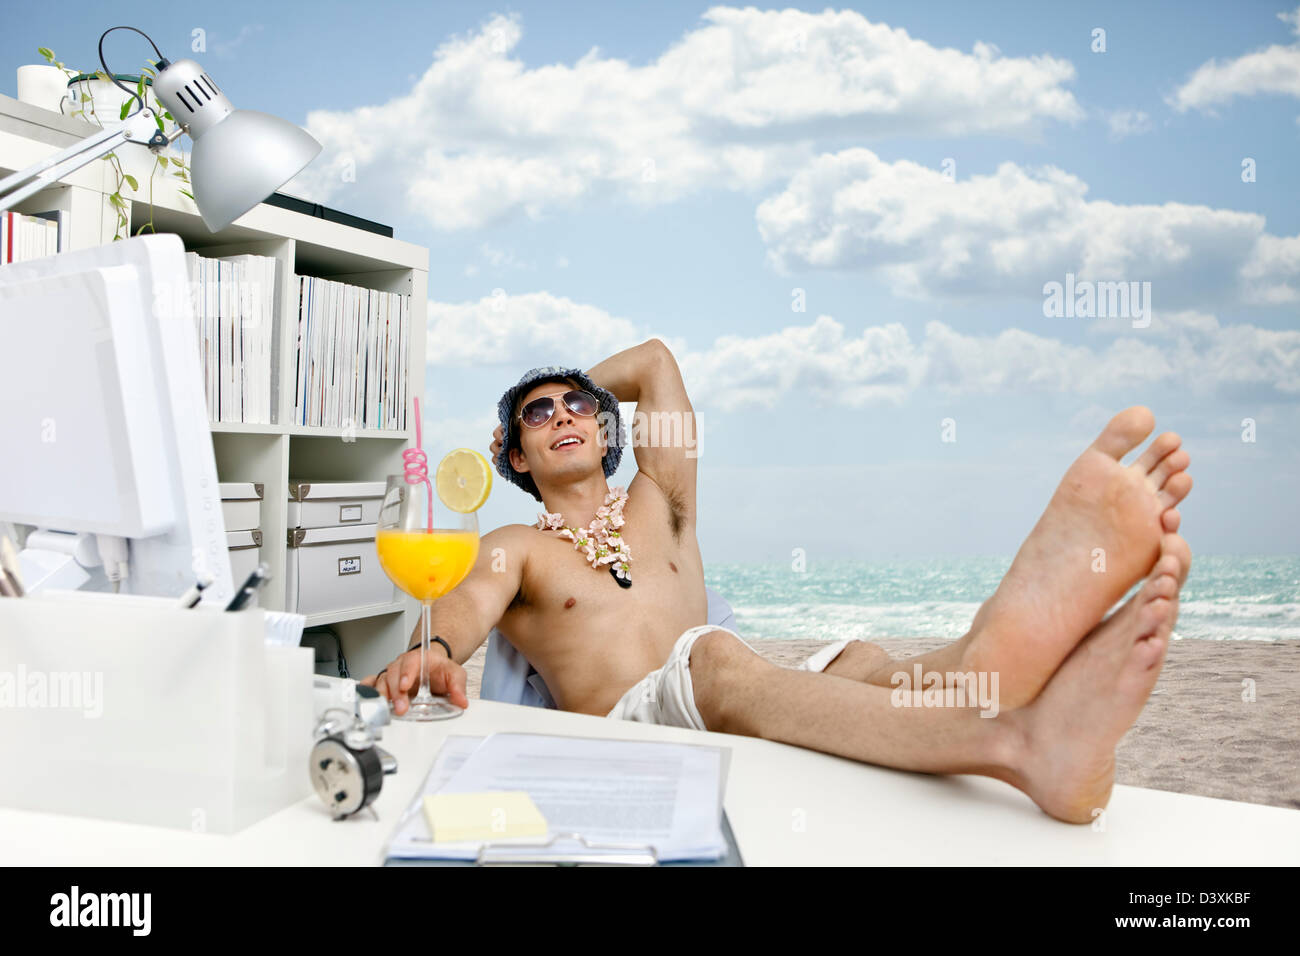 Joven en el trabajo soñar acerca de playa, cócteles y vida fácil Imagen De Stock